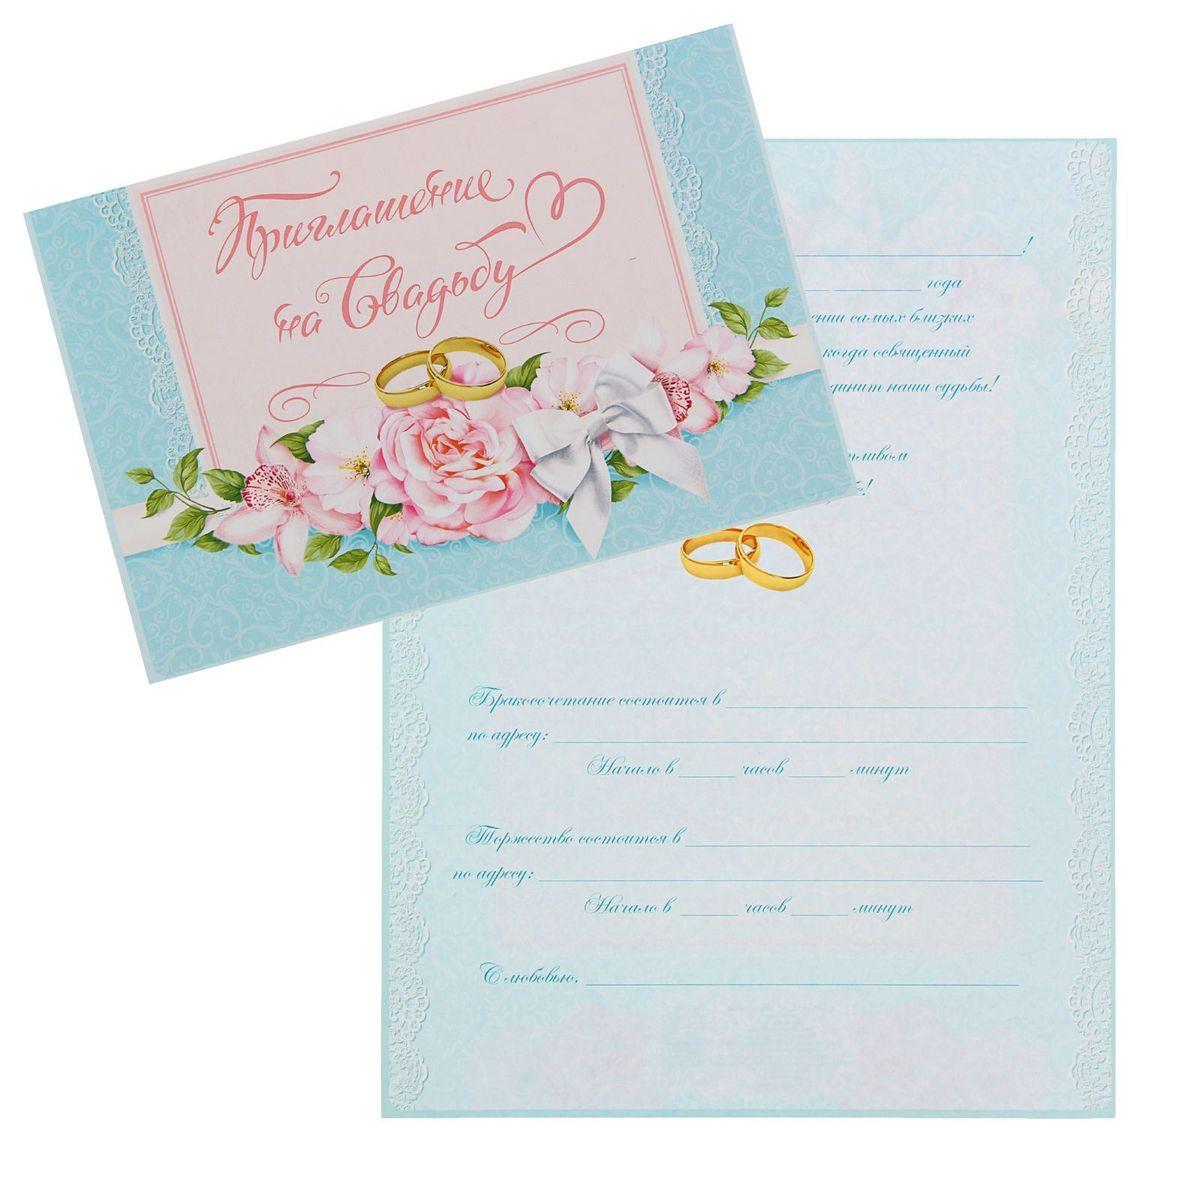 Sima-land Приглашение на свадьбу Тиффани, 18х12см.KT415EСвадьба — одно из главных событий в жизни каждого человека. Для идеального торжества необходимо продумать каждую мелочь. Родным и близким будет приятно получить индивидуальную красивую открытку с эксклюзивным дизайном.